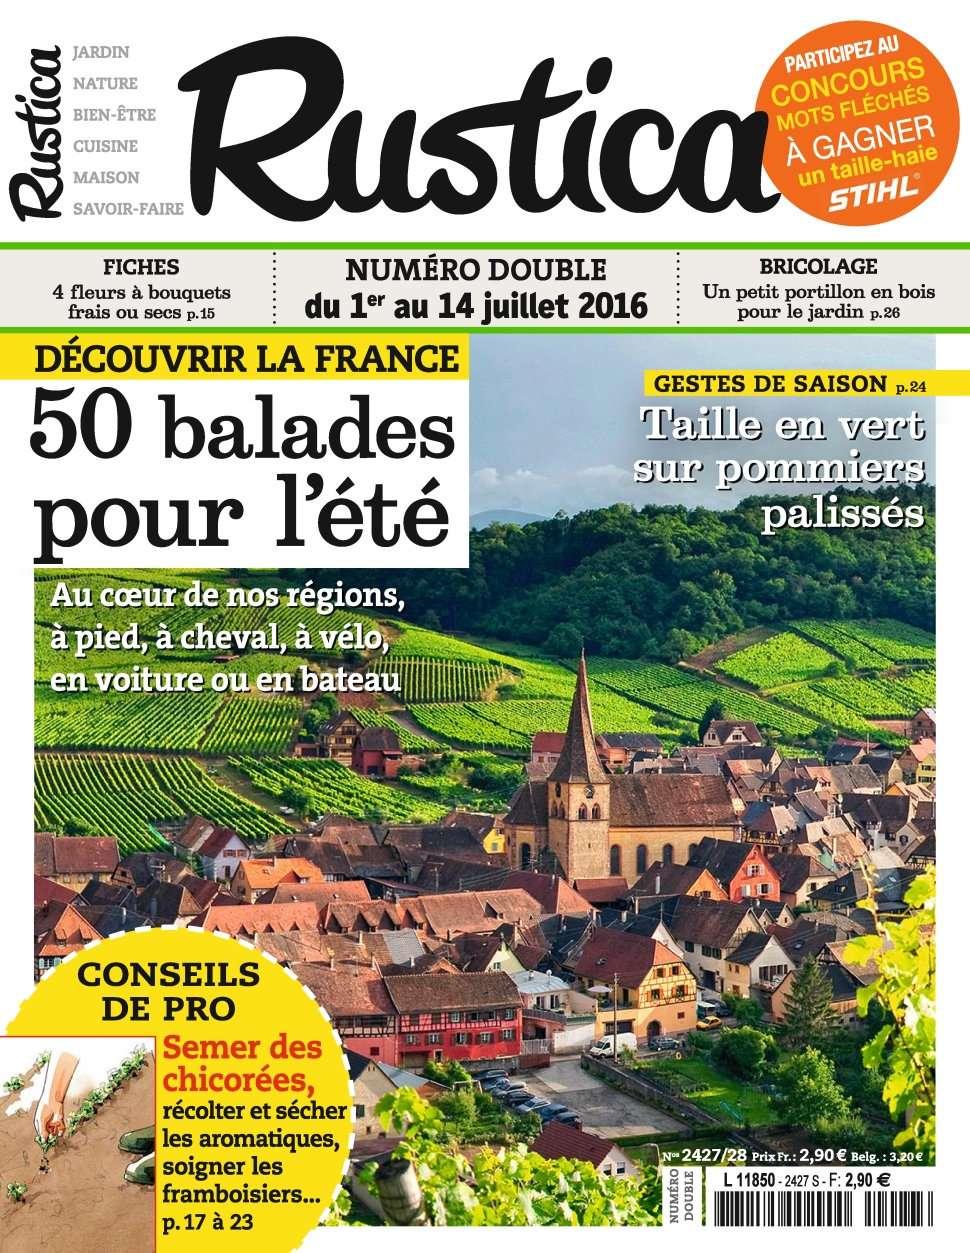 Rustica 2428 - 1 au 7 Juillet 2016